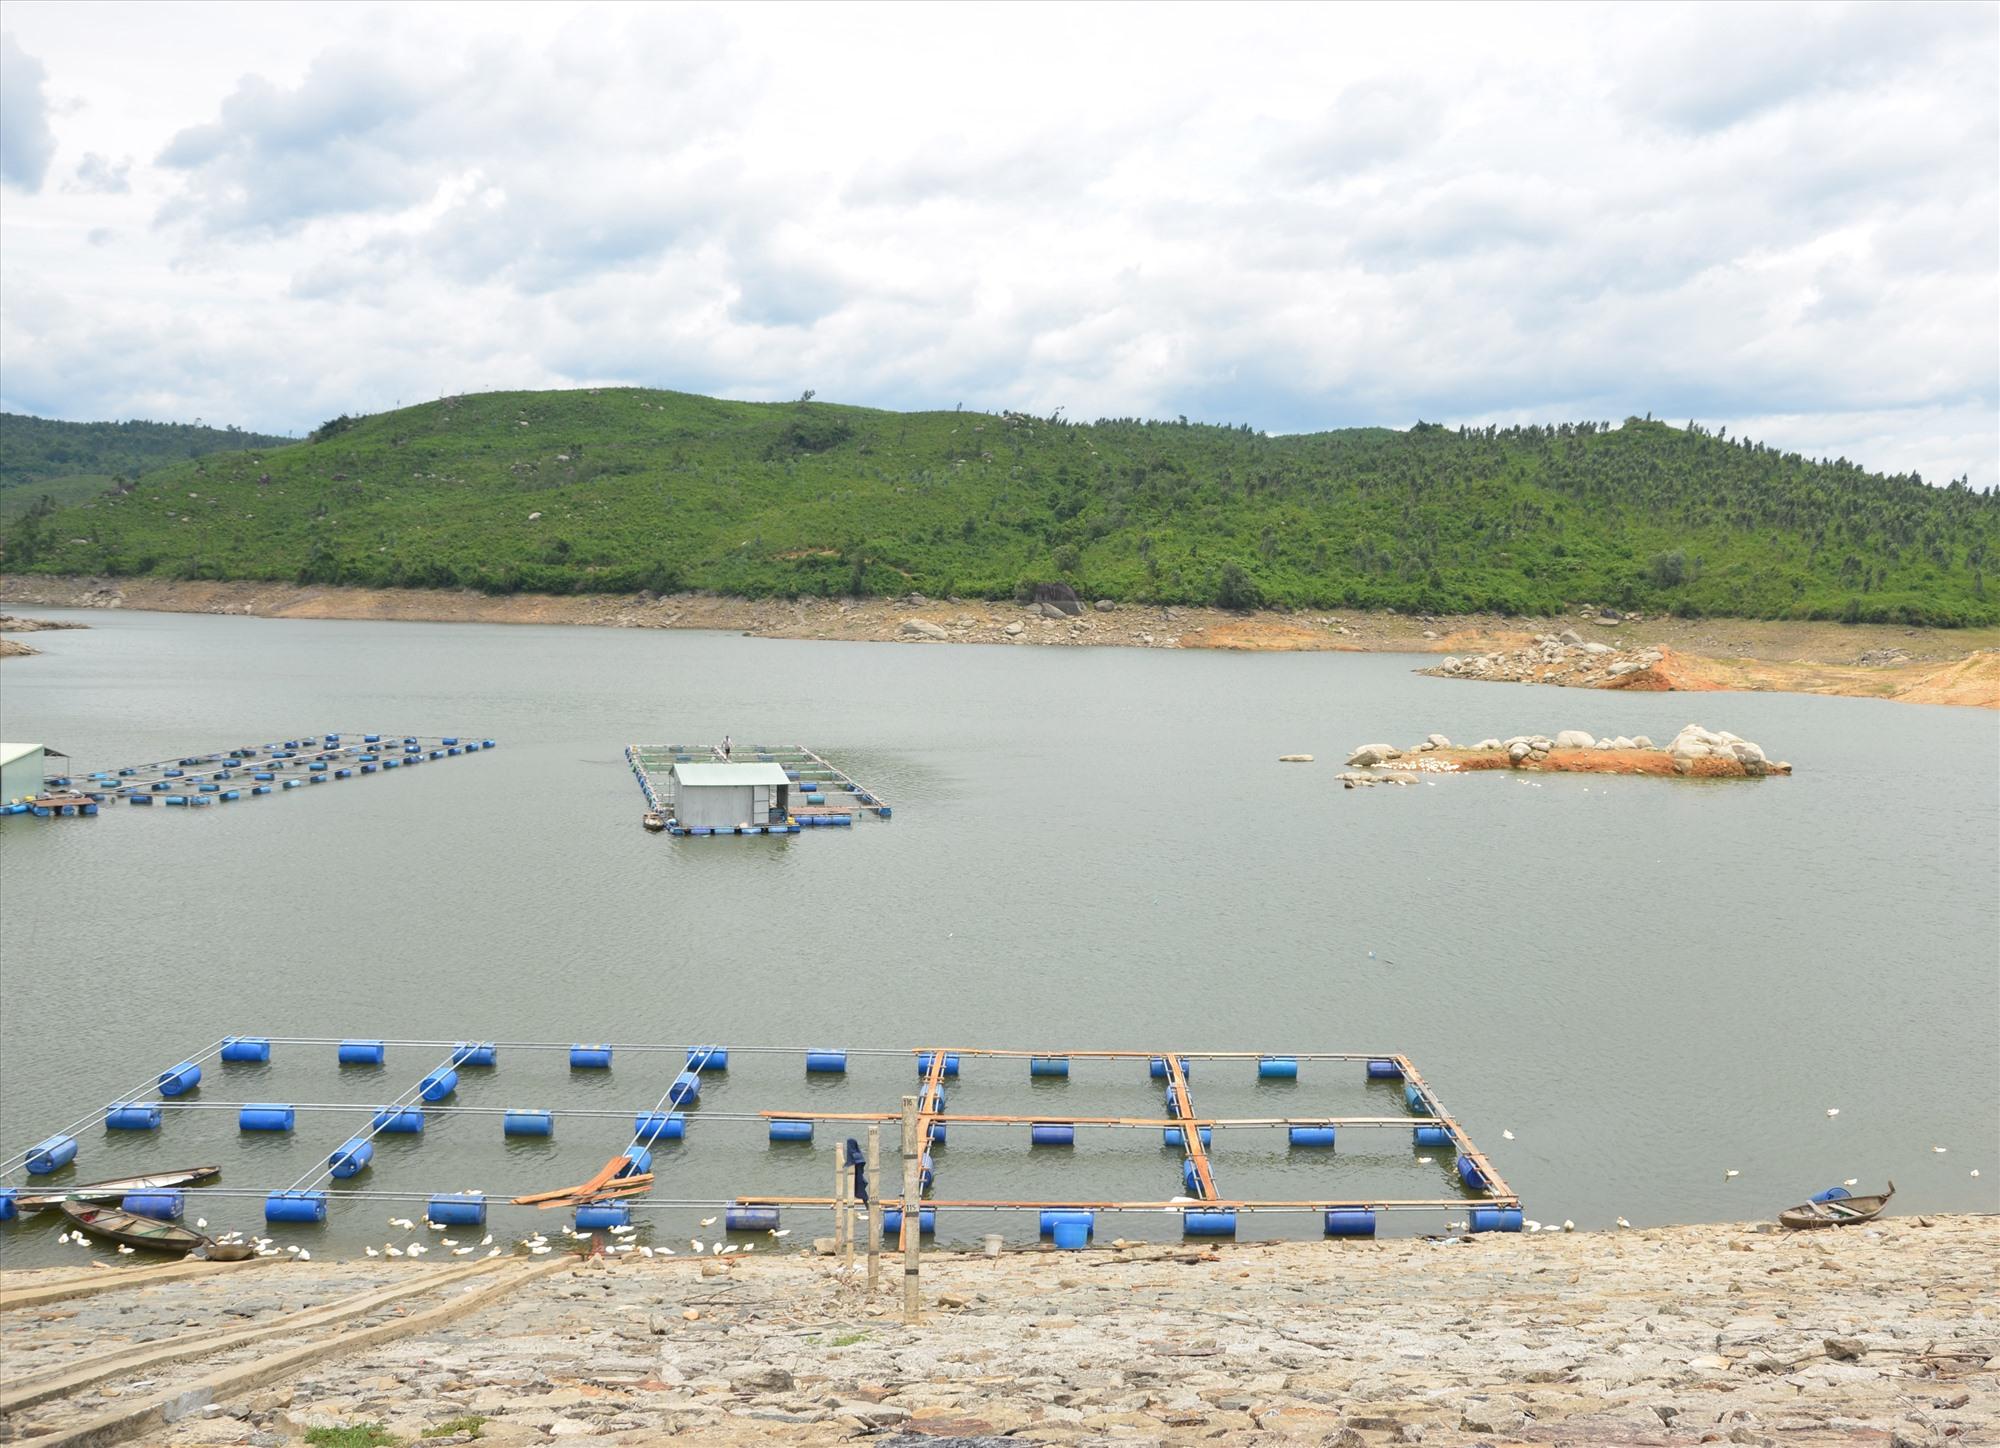 Hồ chứa nước thủy lợi của nhiều địa phương thiếu nước phục vụ tưới tiêu. TRONG ẢNH: Hồ thủy lợi ở đập Trà Cân, xã Đại Hiệp (Đại Lộc). Ảnh: T.H